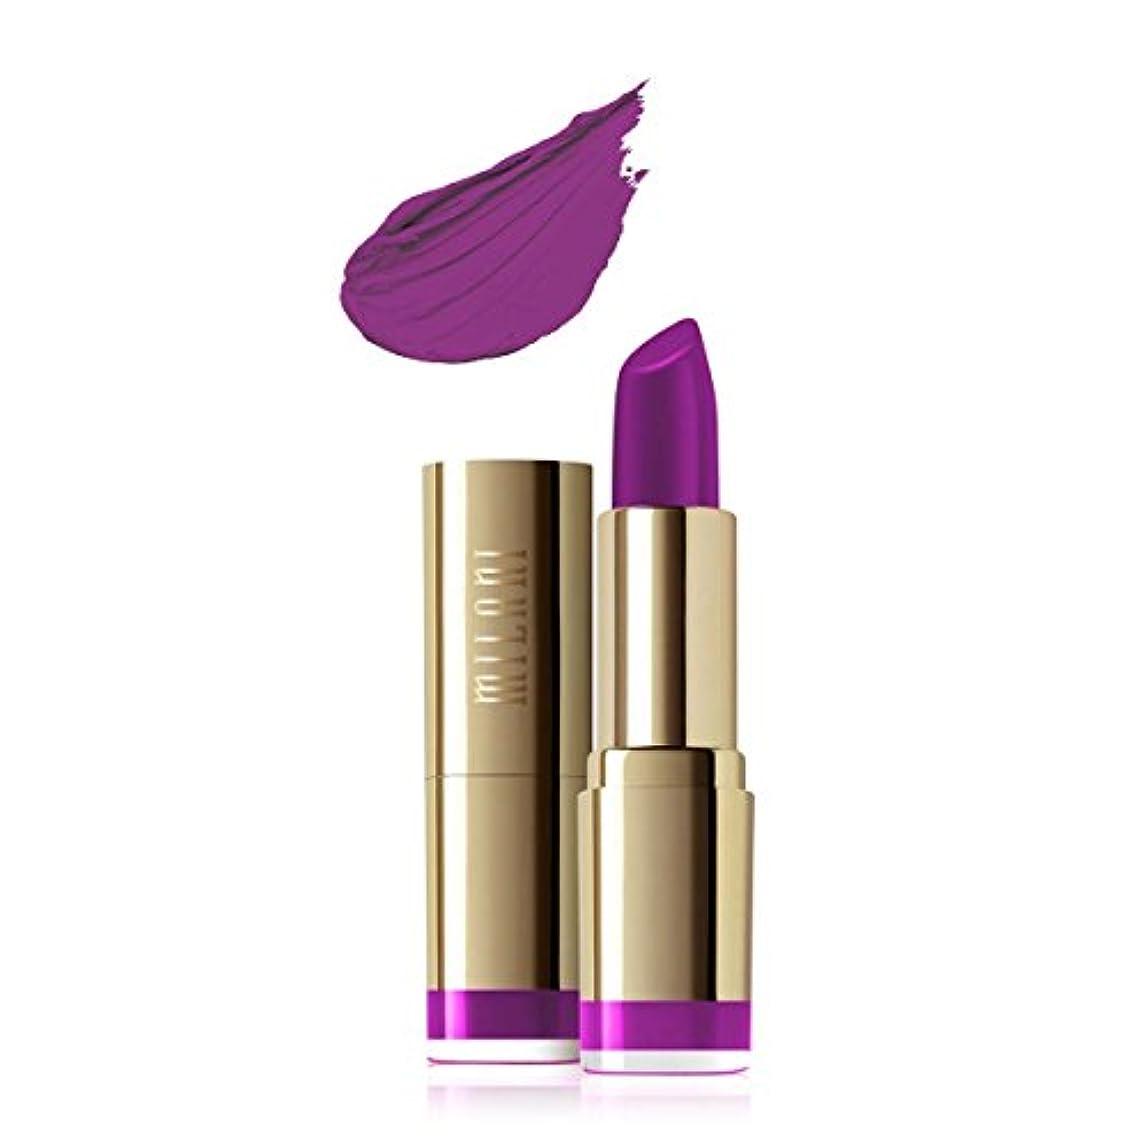 キロメートル満足させる守るMILANI Color Statement Moisture Matte Lipstick - Matte Glam (Vegan) (並行輸入品)